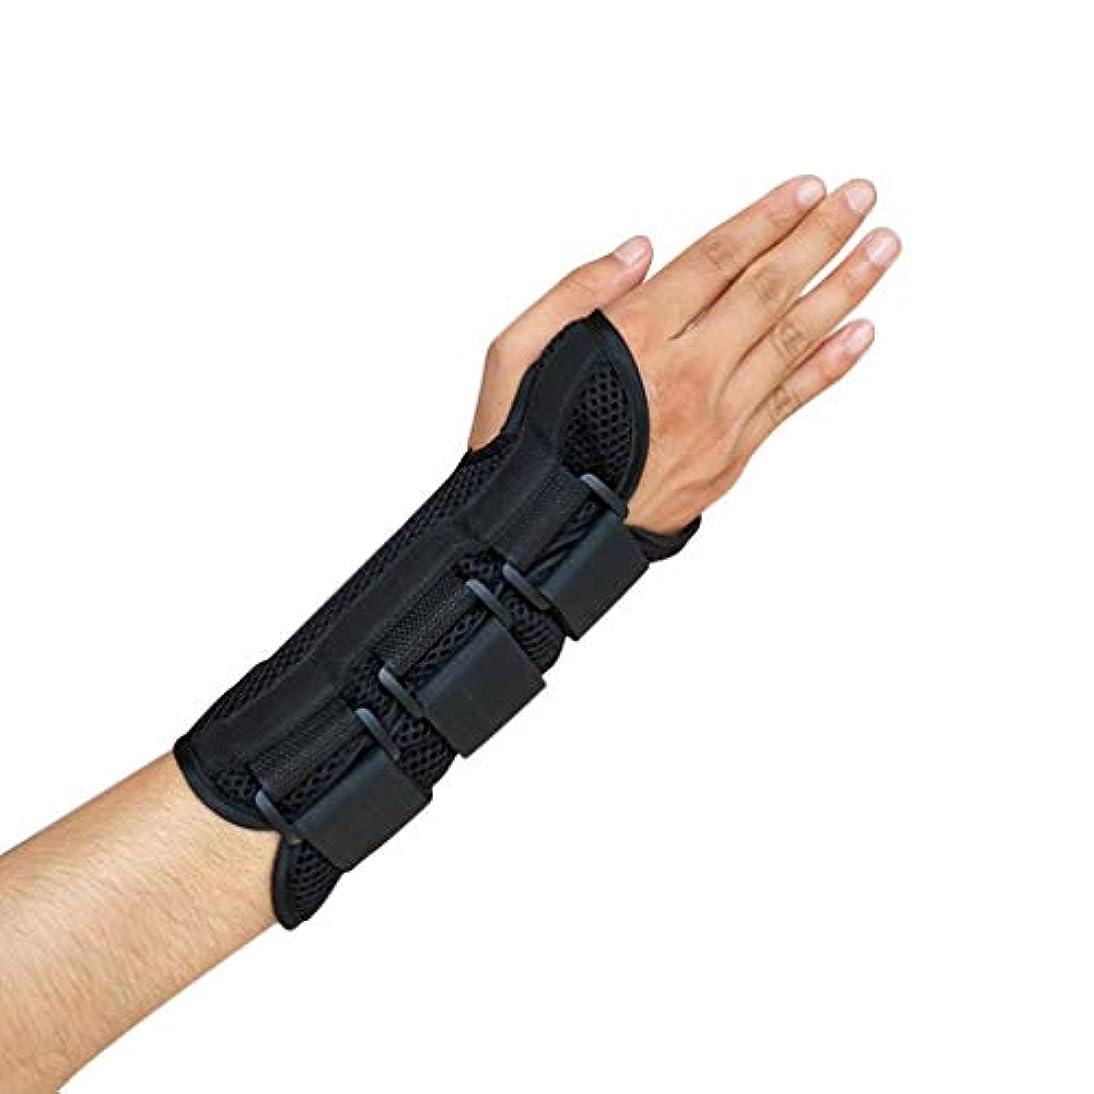 のぞき見コーヒー瞑想的手根管手首ブレースサポート捻Sp前腕スプリントバンドストラップ保護-innovationo